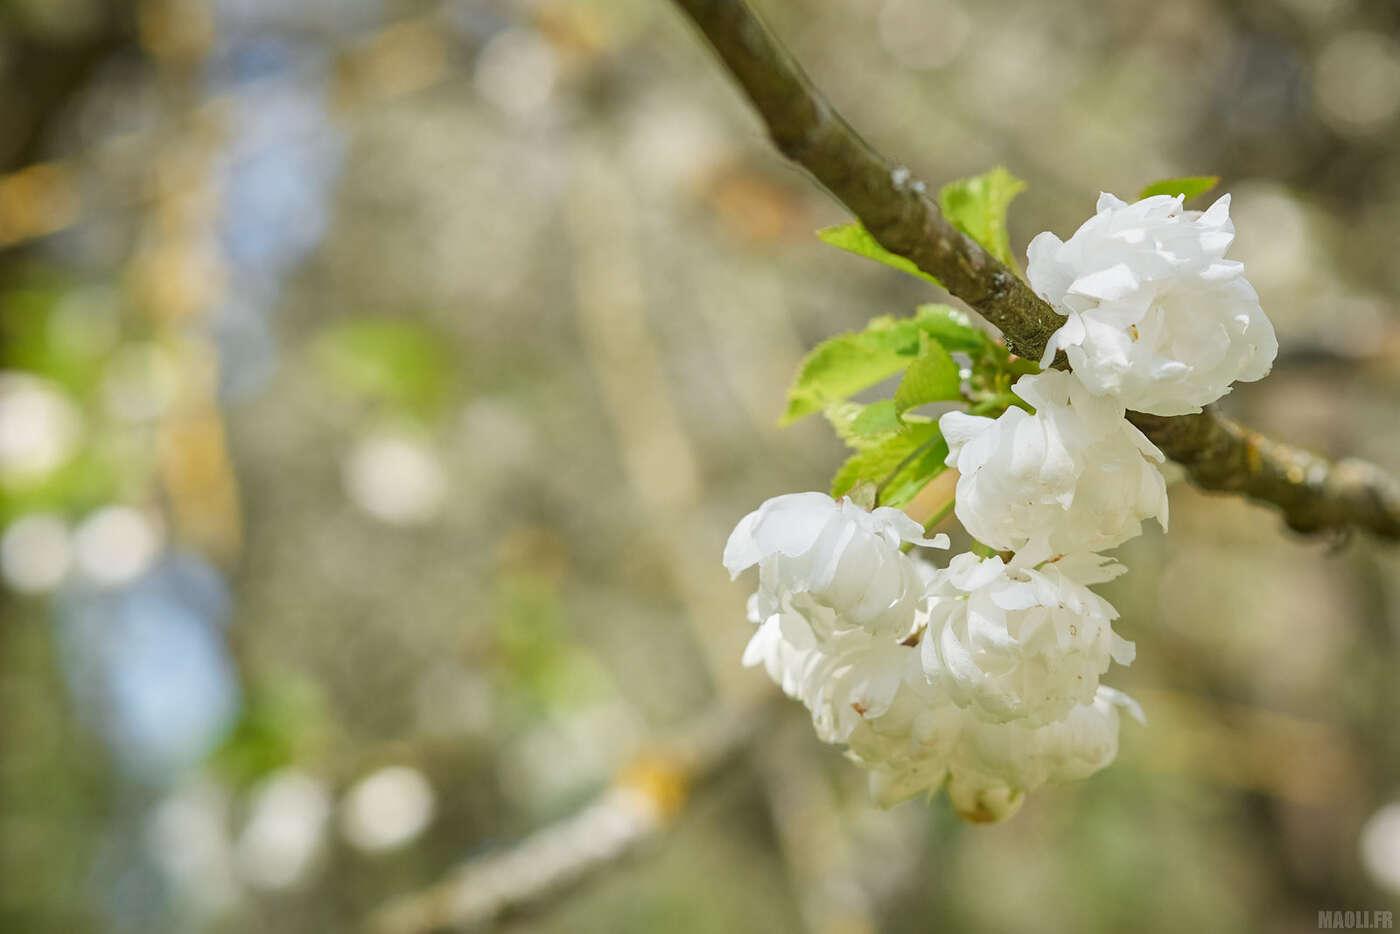 Verger de cerisiers blancs au parc de Sceaux